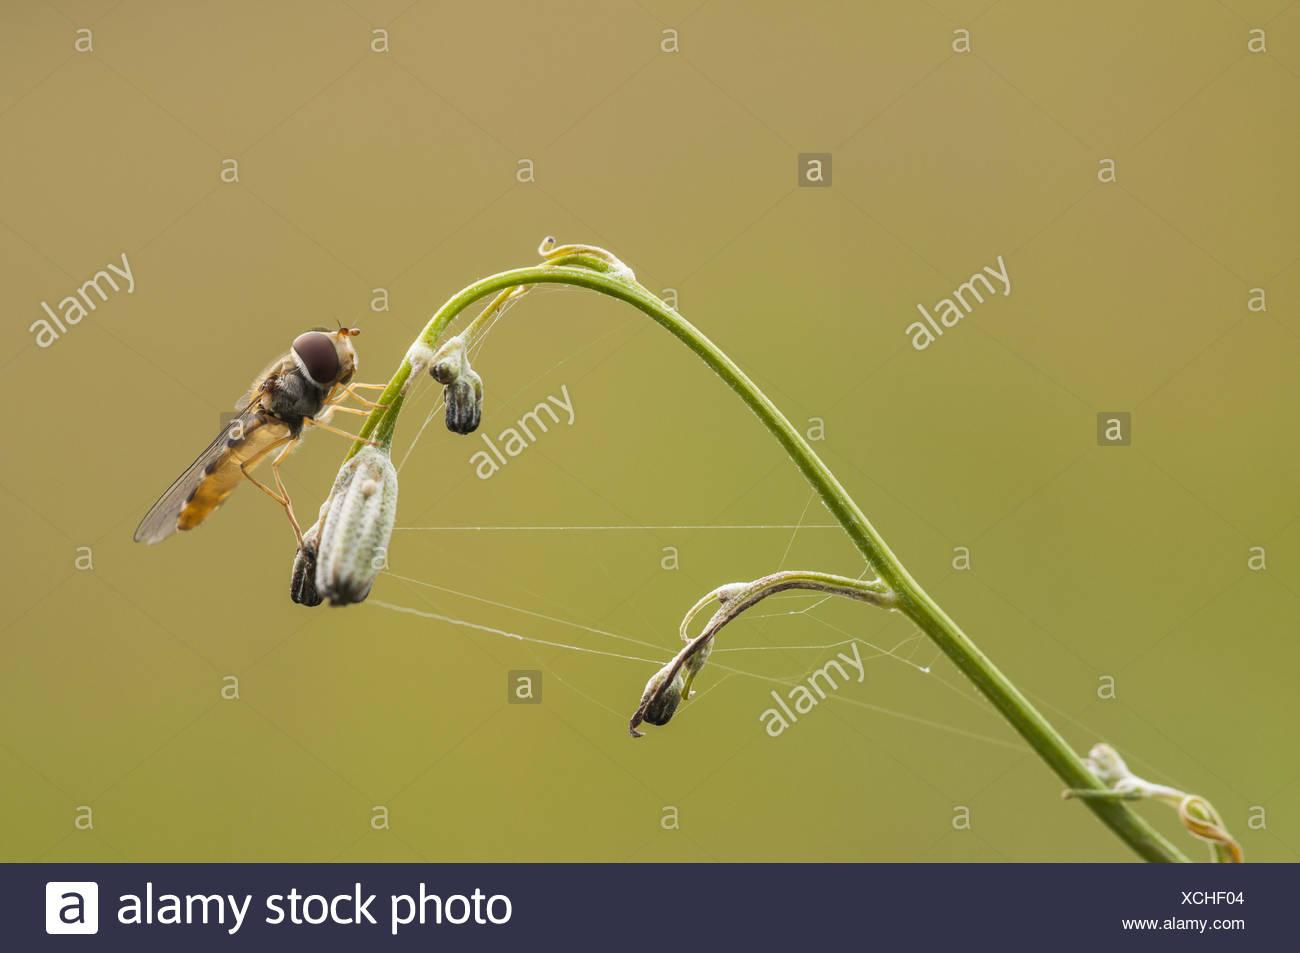 Hoverfly (Syrphus Ribesii), Weiblich, Deutschland Stockbild